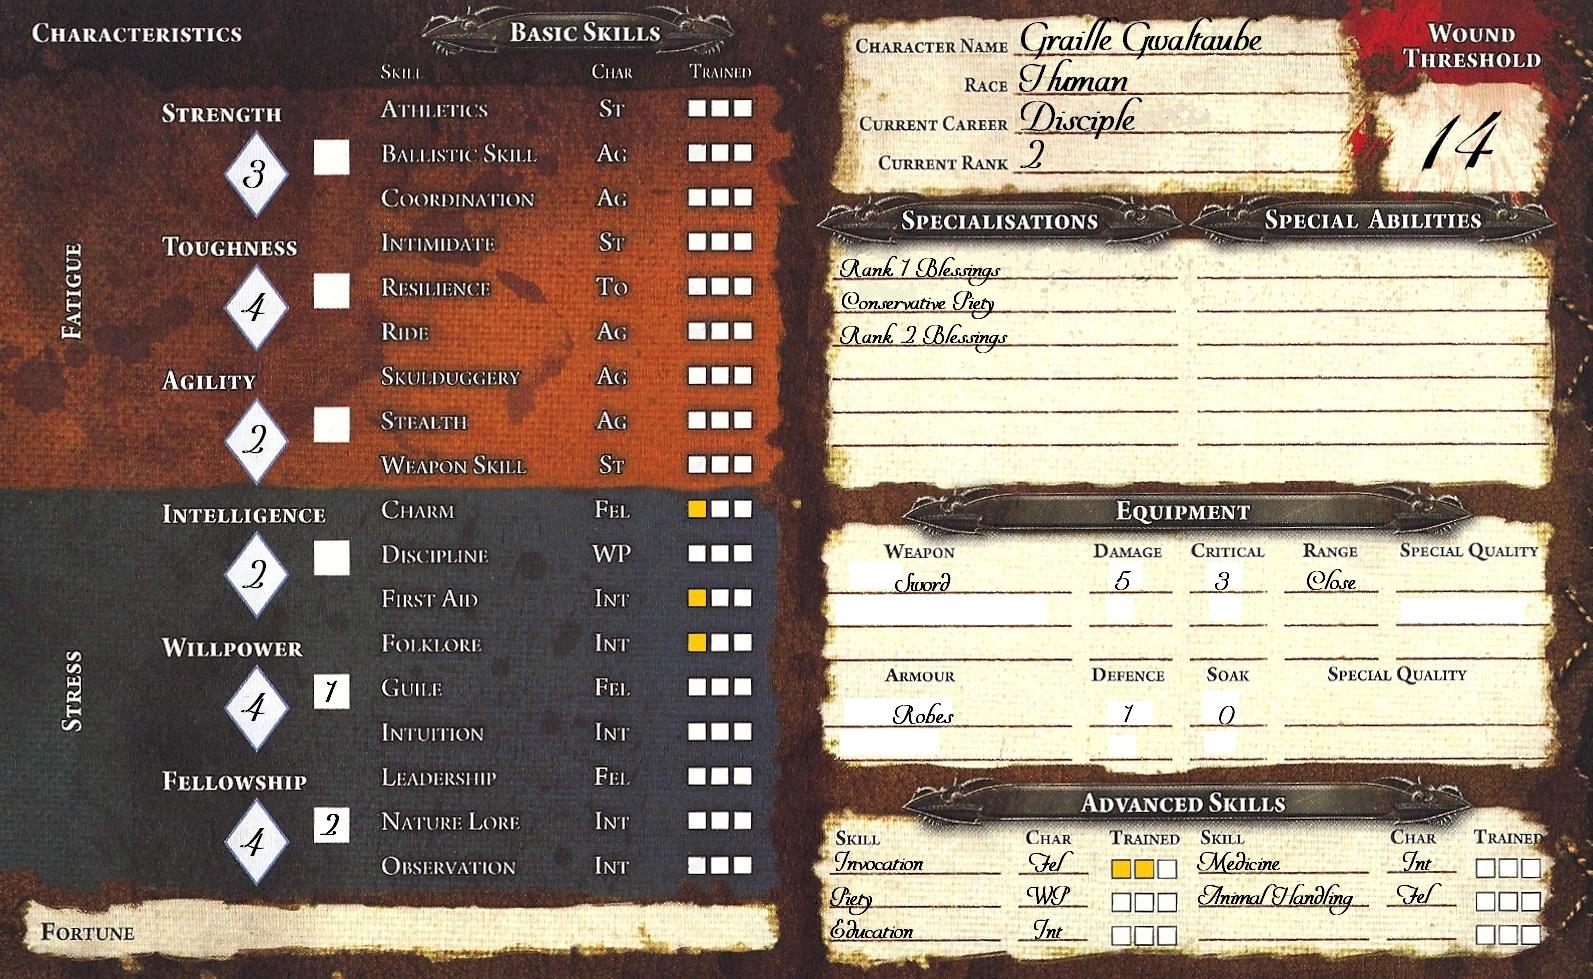 GG_Character_Sheet_Warhammer.jpg